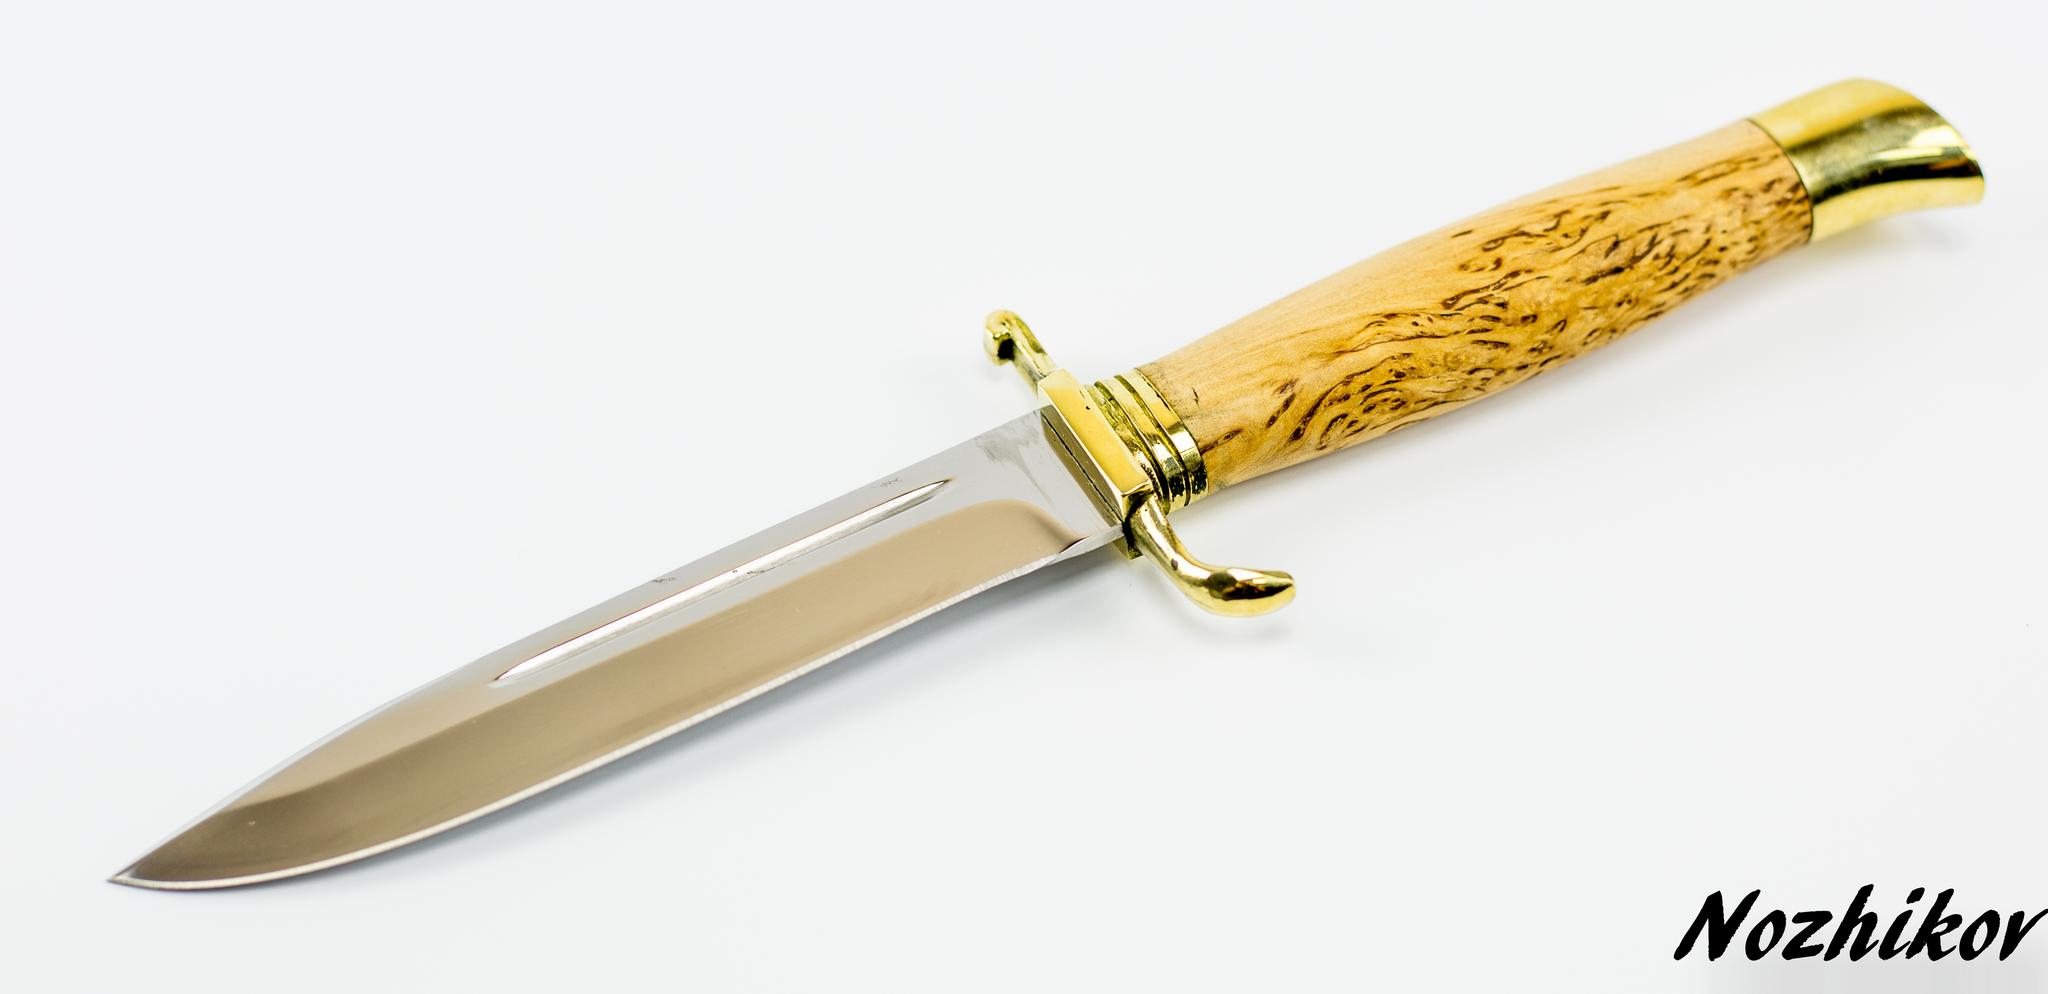 Фото 2 - Нож Финка НКВД, сталь 95х18, карельская береза от Промтехснаб